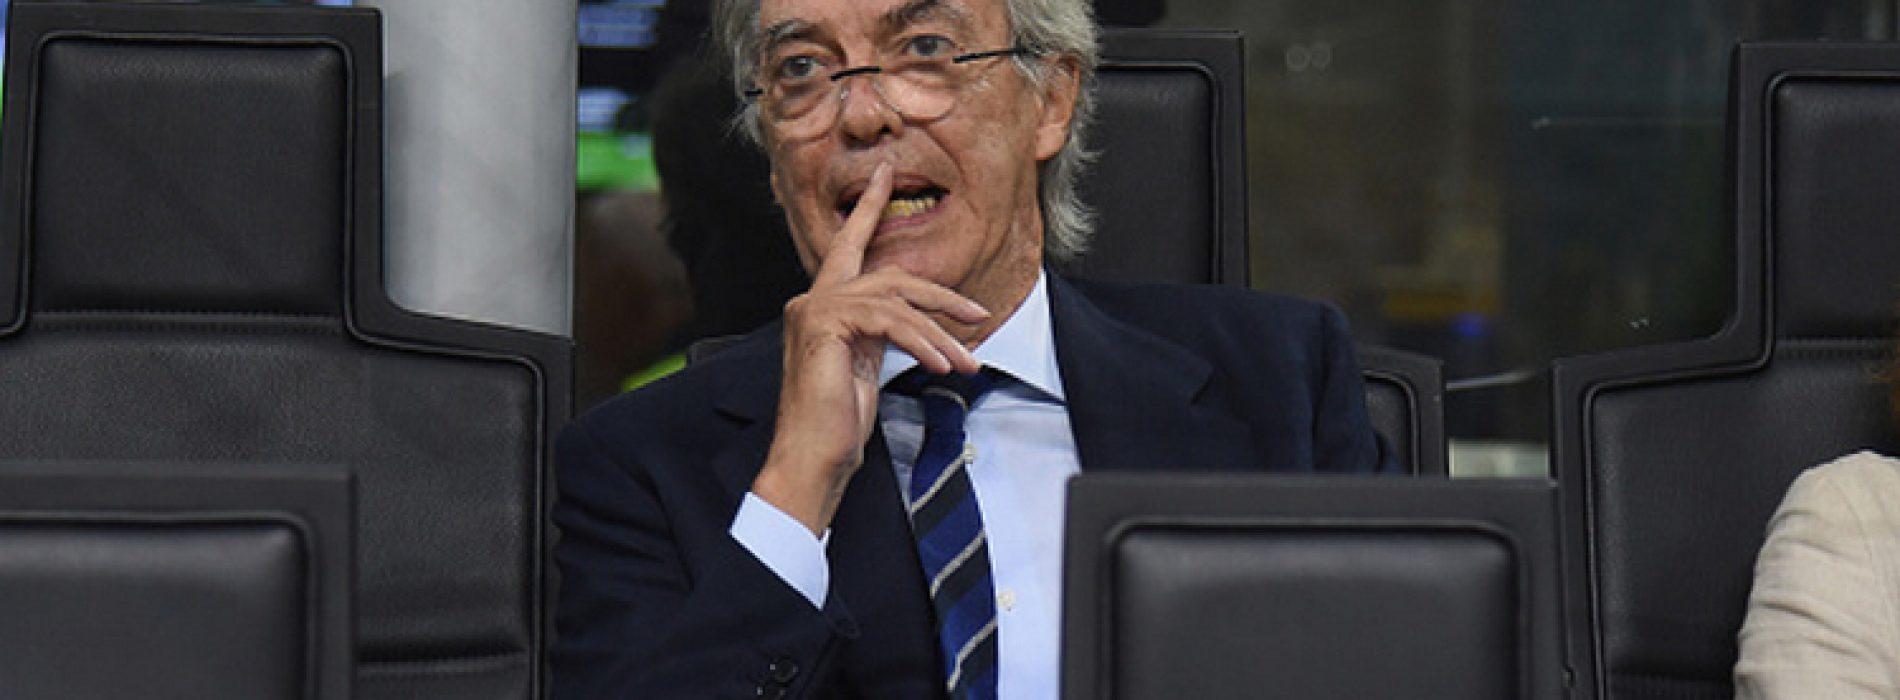 """Moratti Inter Zaniolo: """"Vorrei vederlo in nerazzurro insieme a Dzeko"""""""